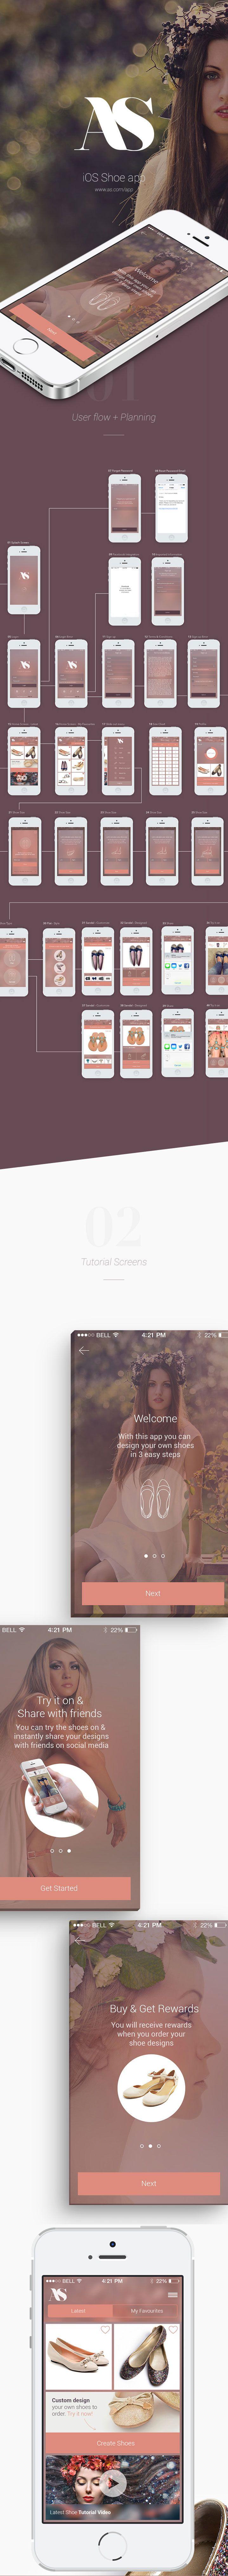 Daily Mobile UI Design Inspiration #298